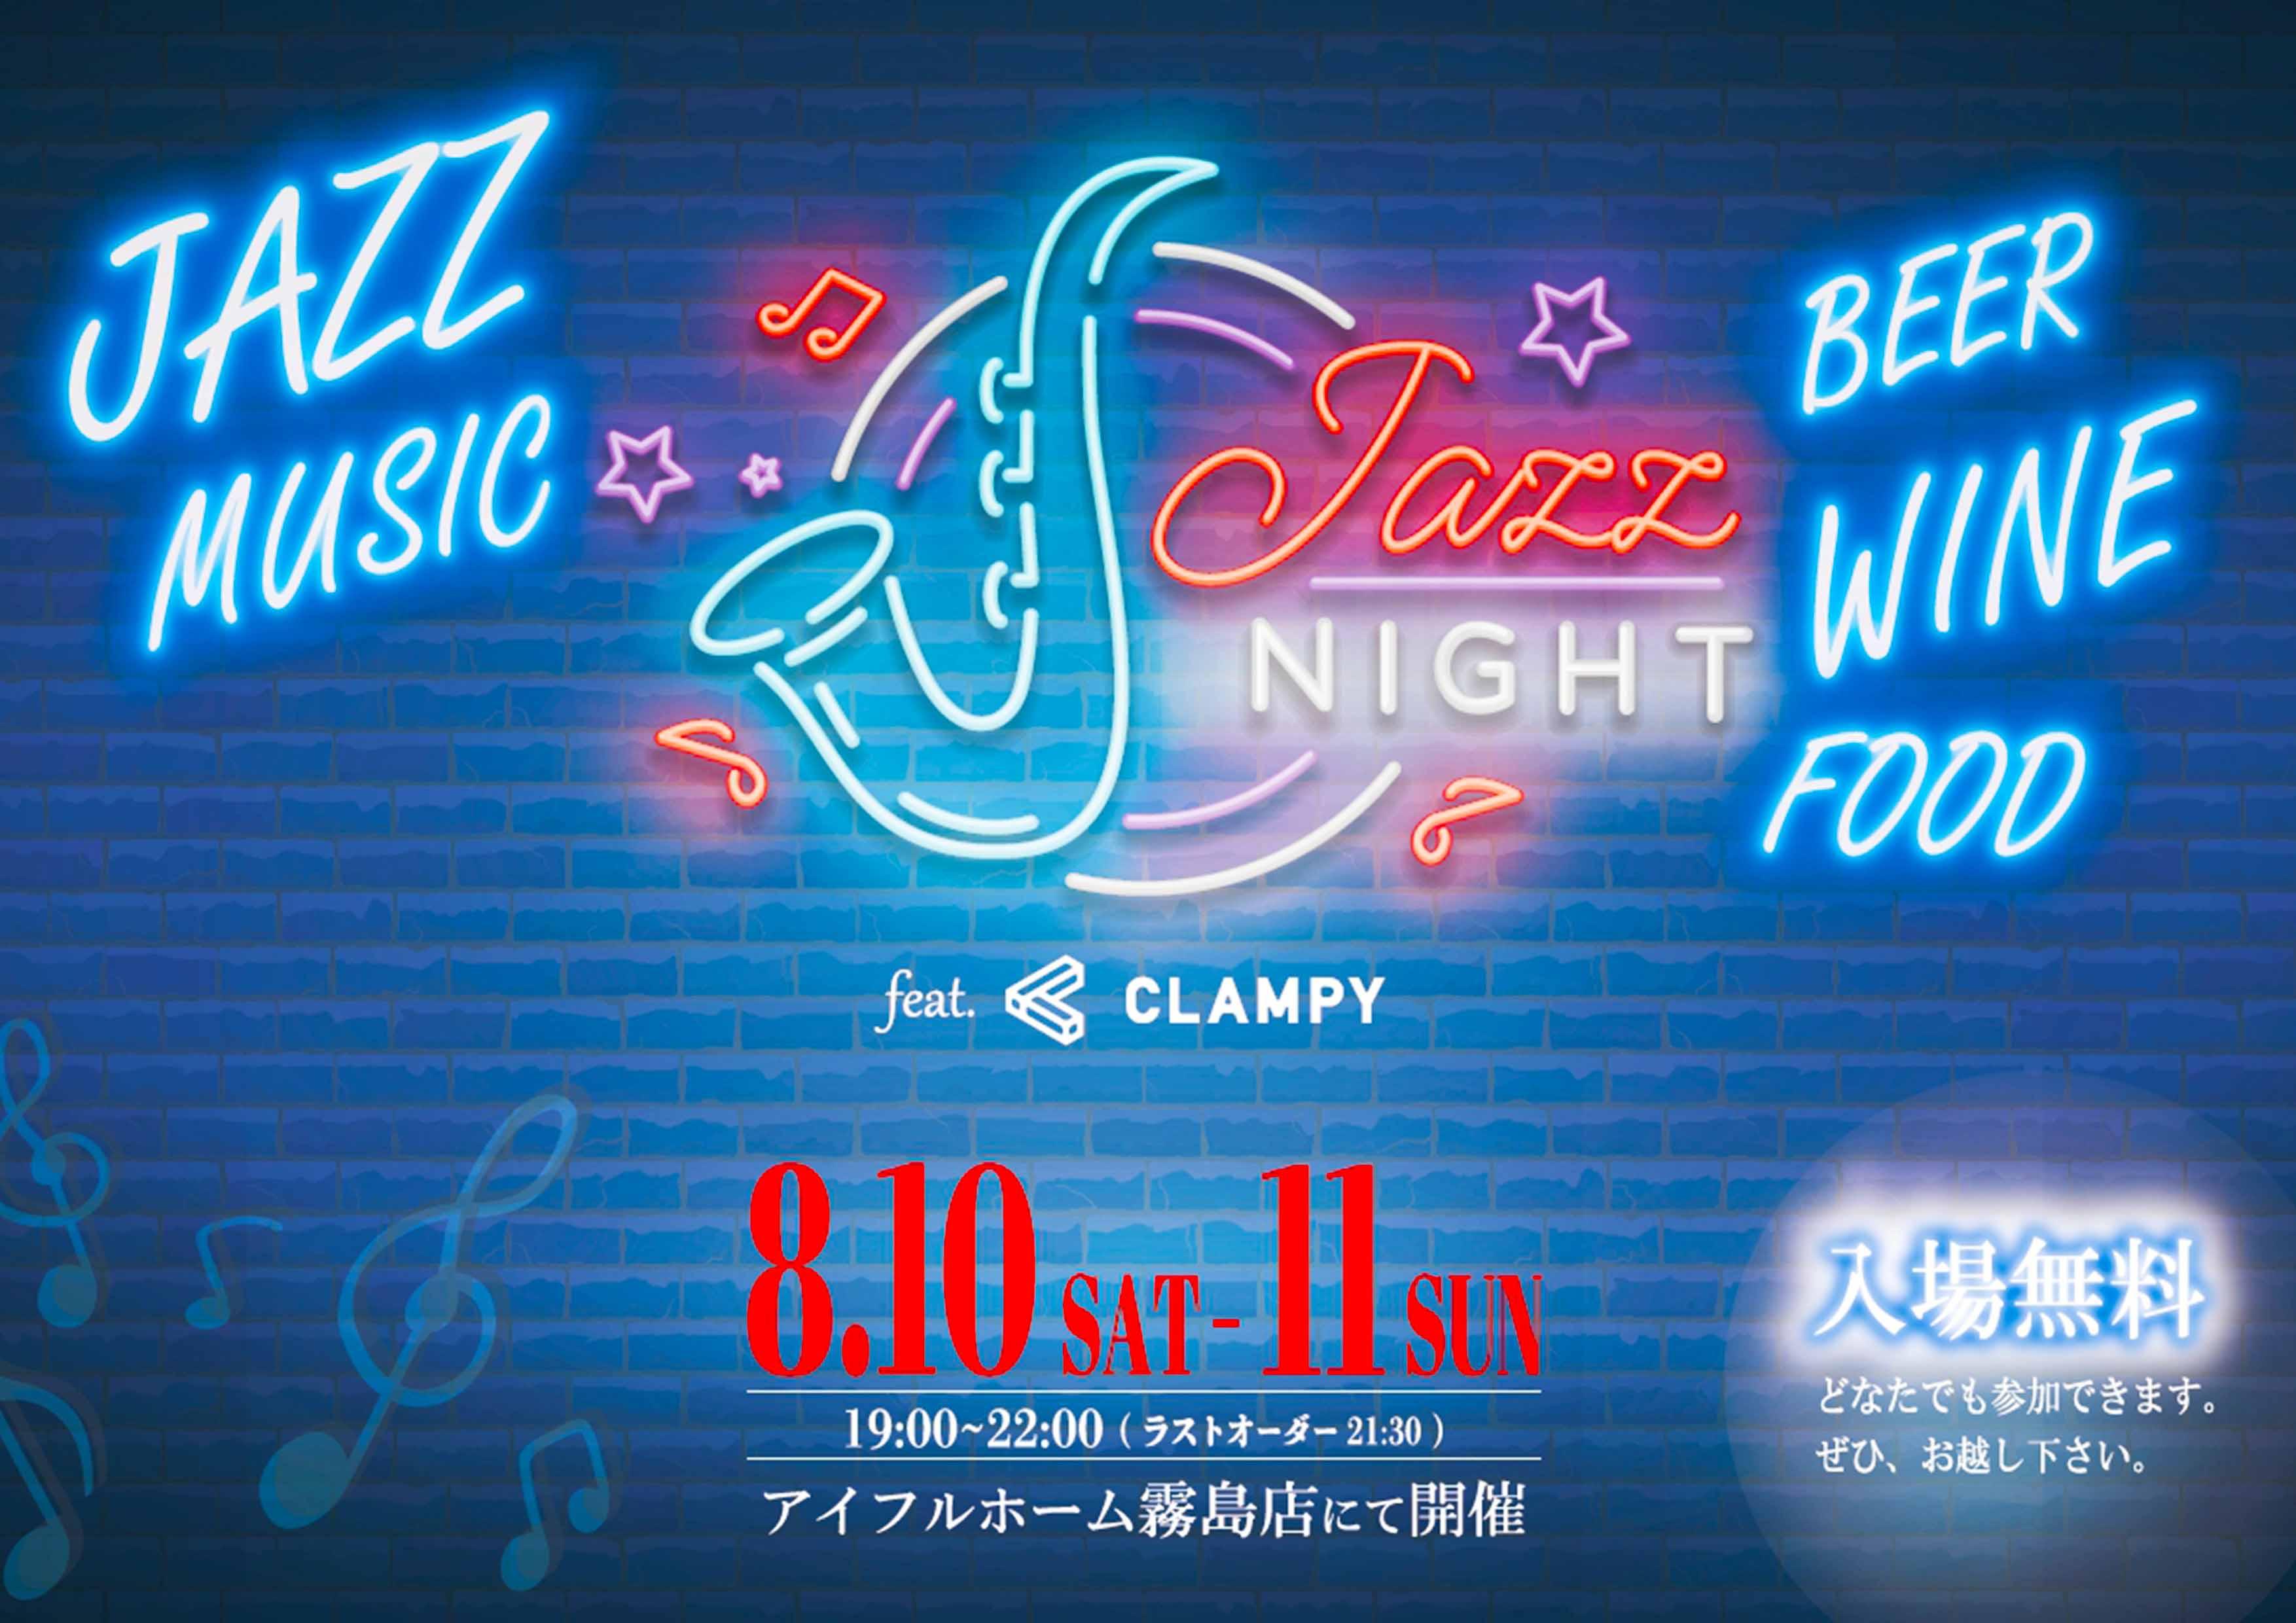 8/10(土)-8/11(日) = 霧島 JAZZ NIGHT =